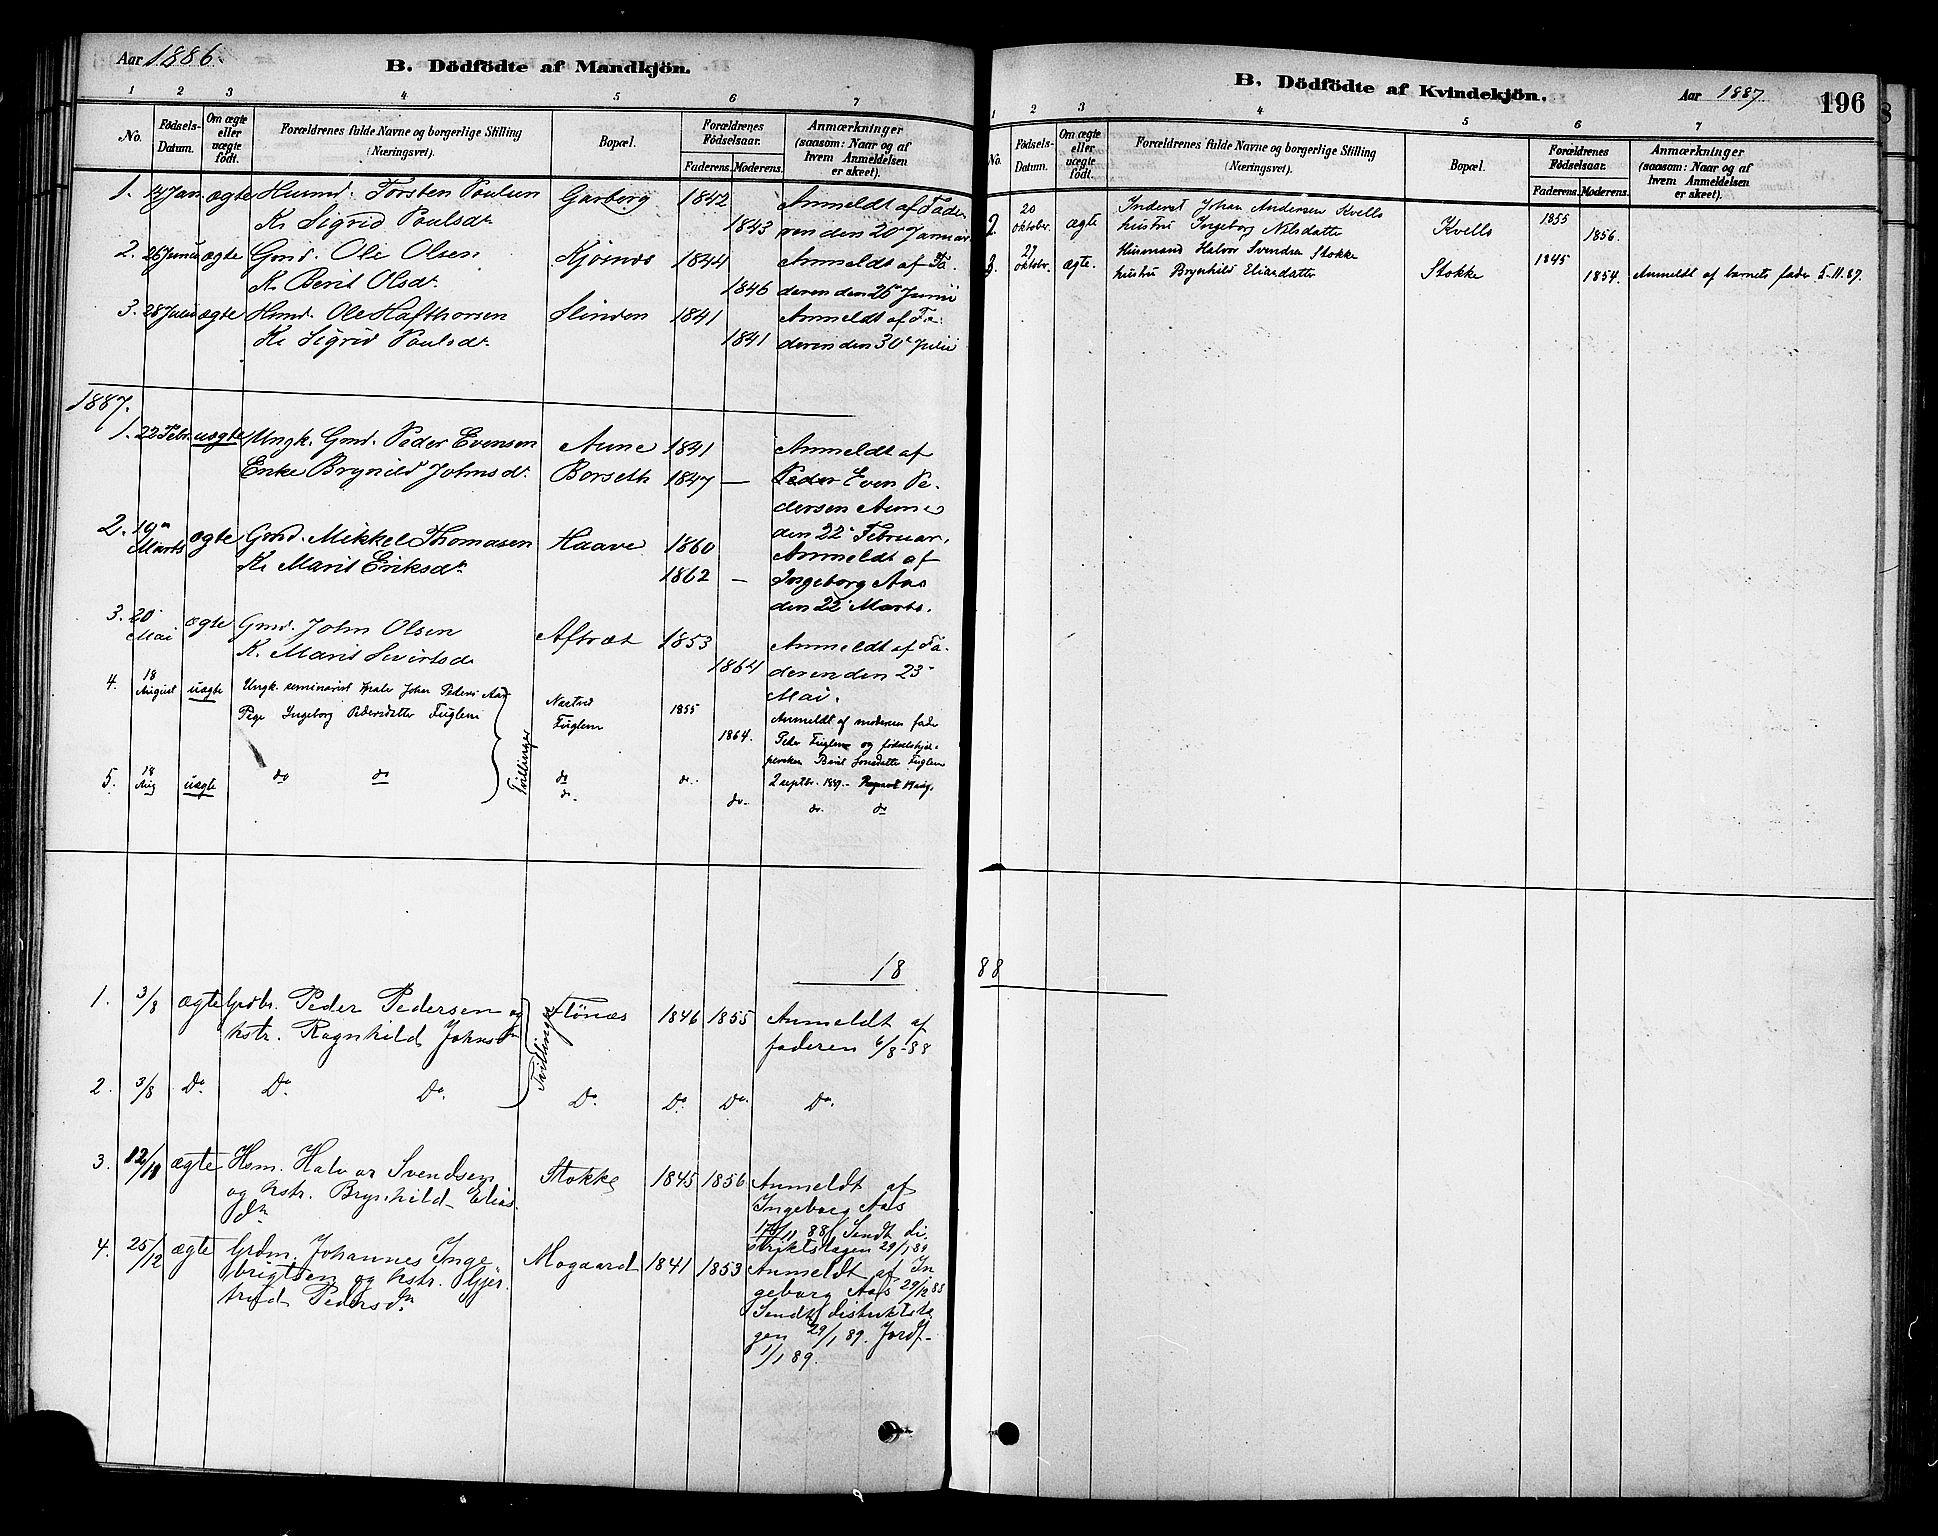 SAT, Ministerialprotokoller, klokkerbøker og fødselsregistre - Sør-Trøndelag, 695/L1148: Ministerialbok nr. 695A08, 1878-1891, s. 196